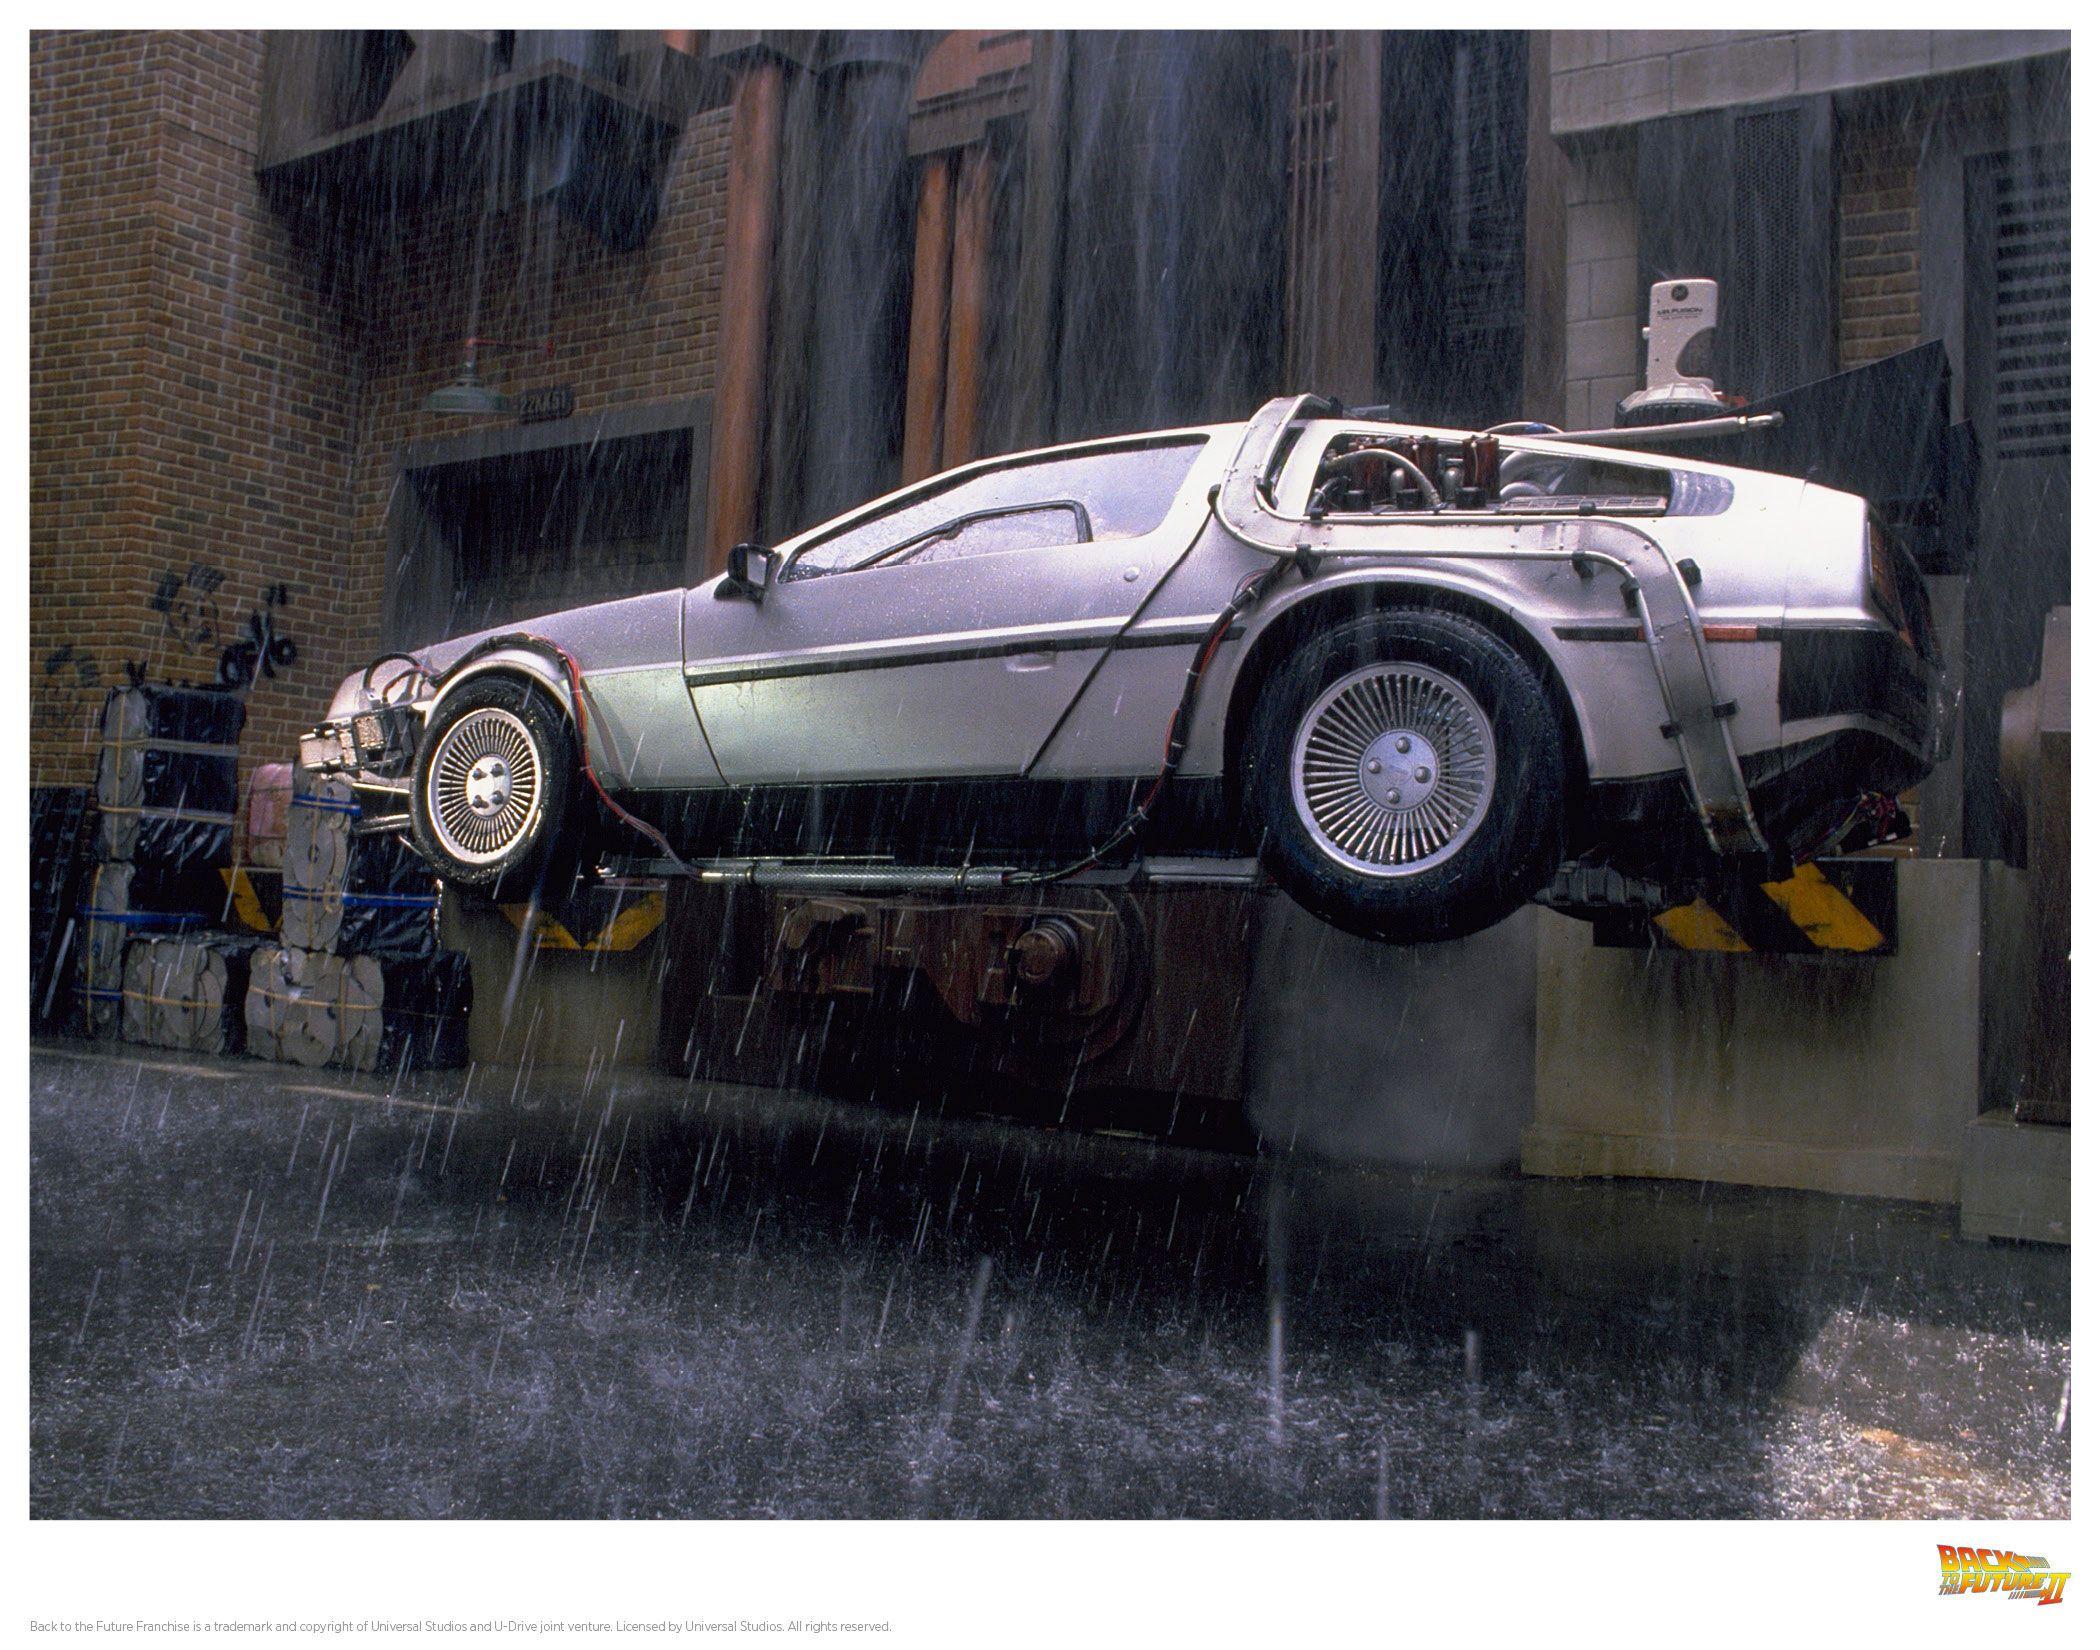 Back to the Future II Art Print DeLorean 2 35 x 28 cm